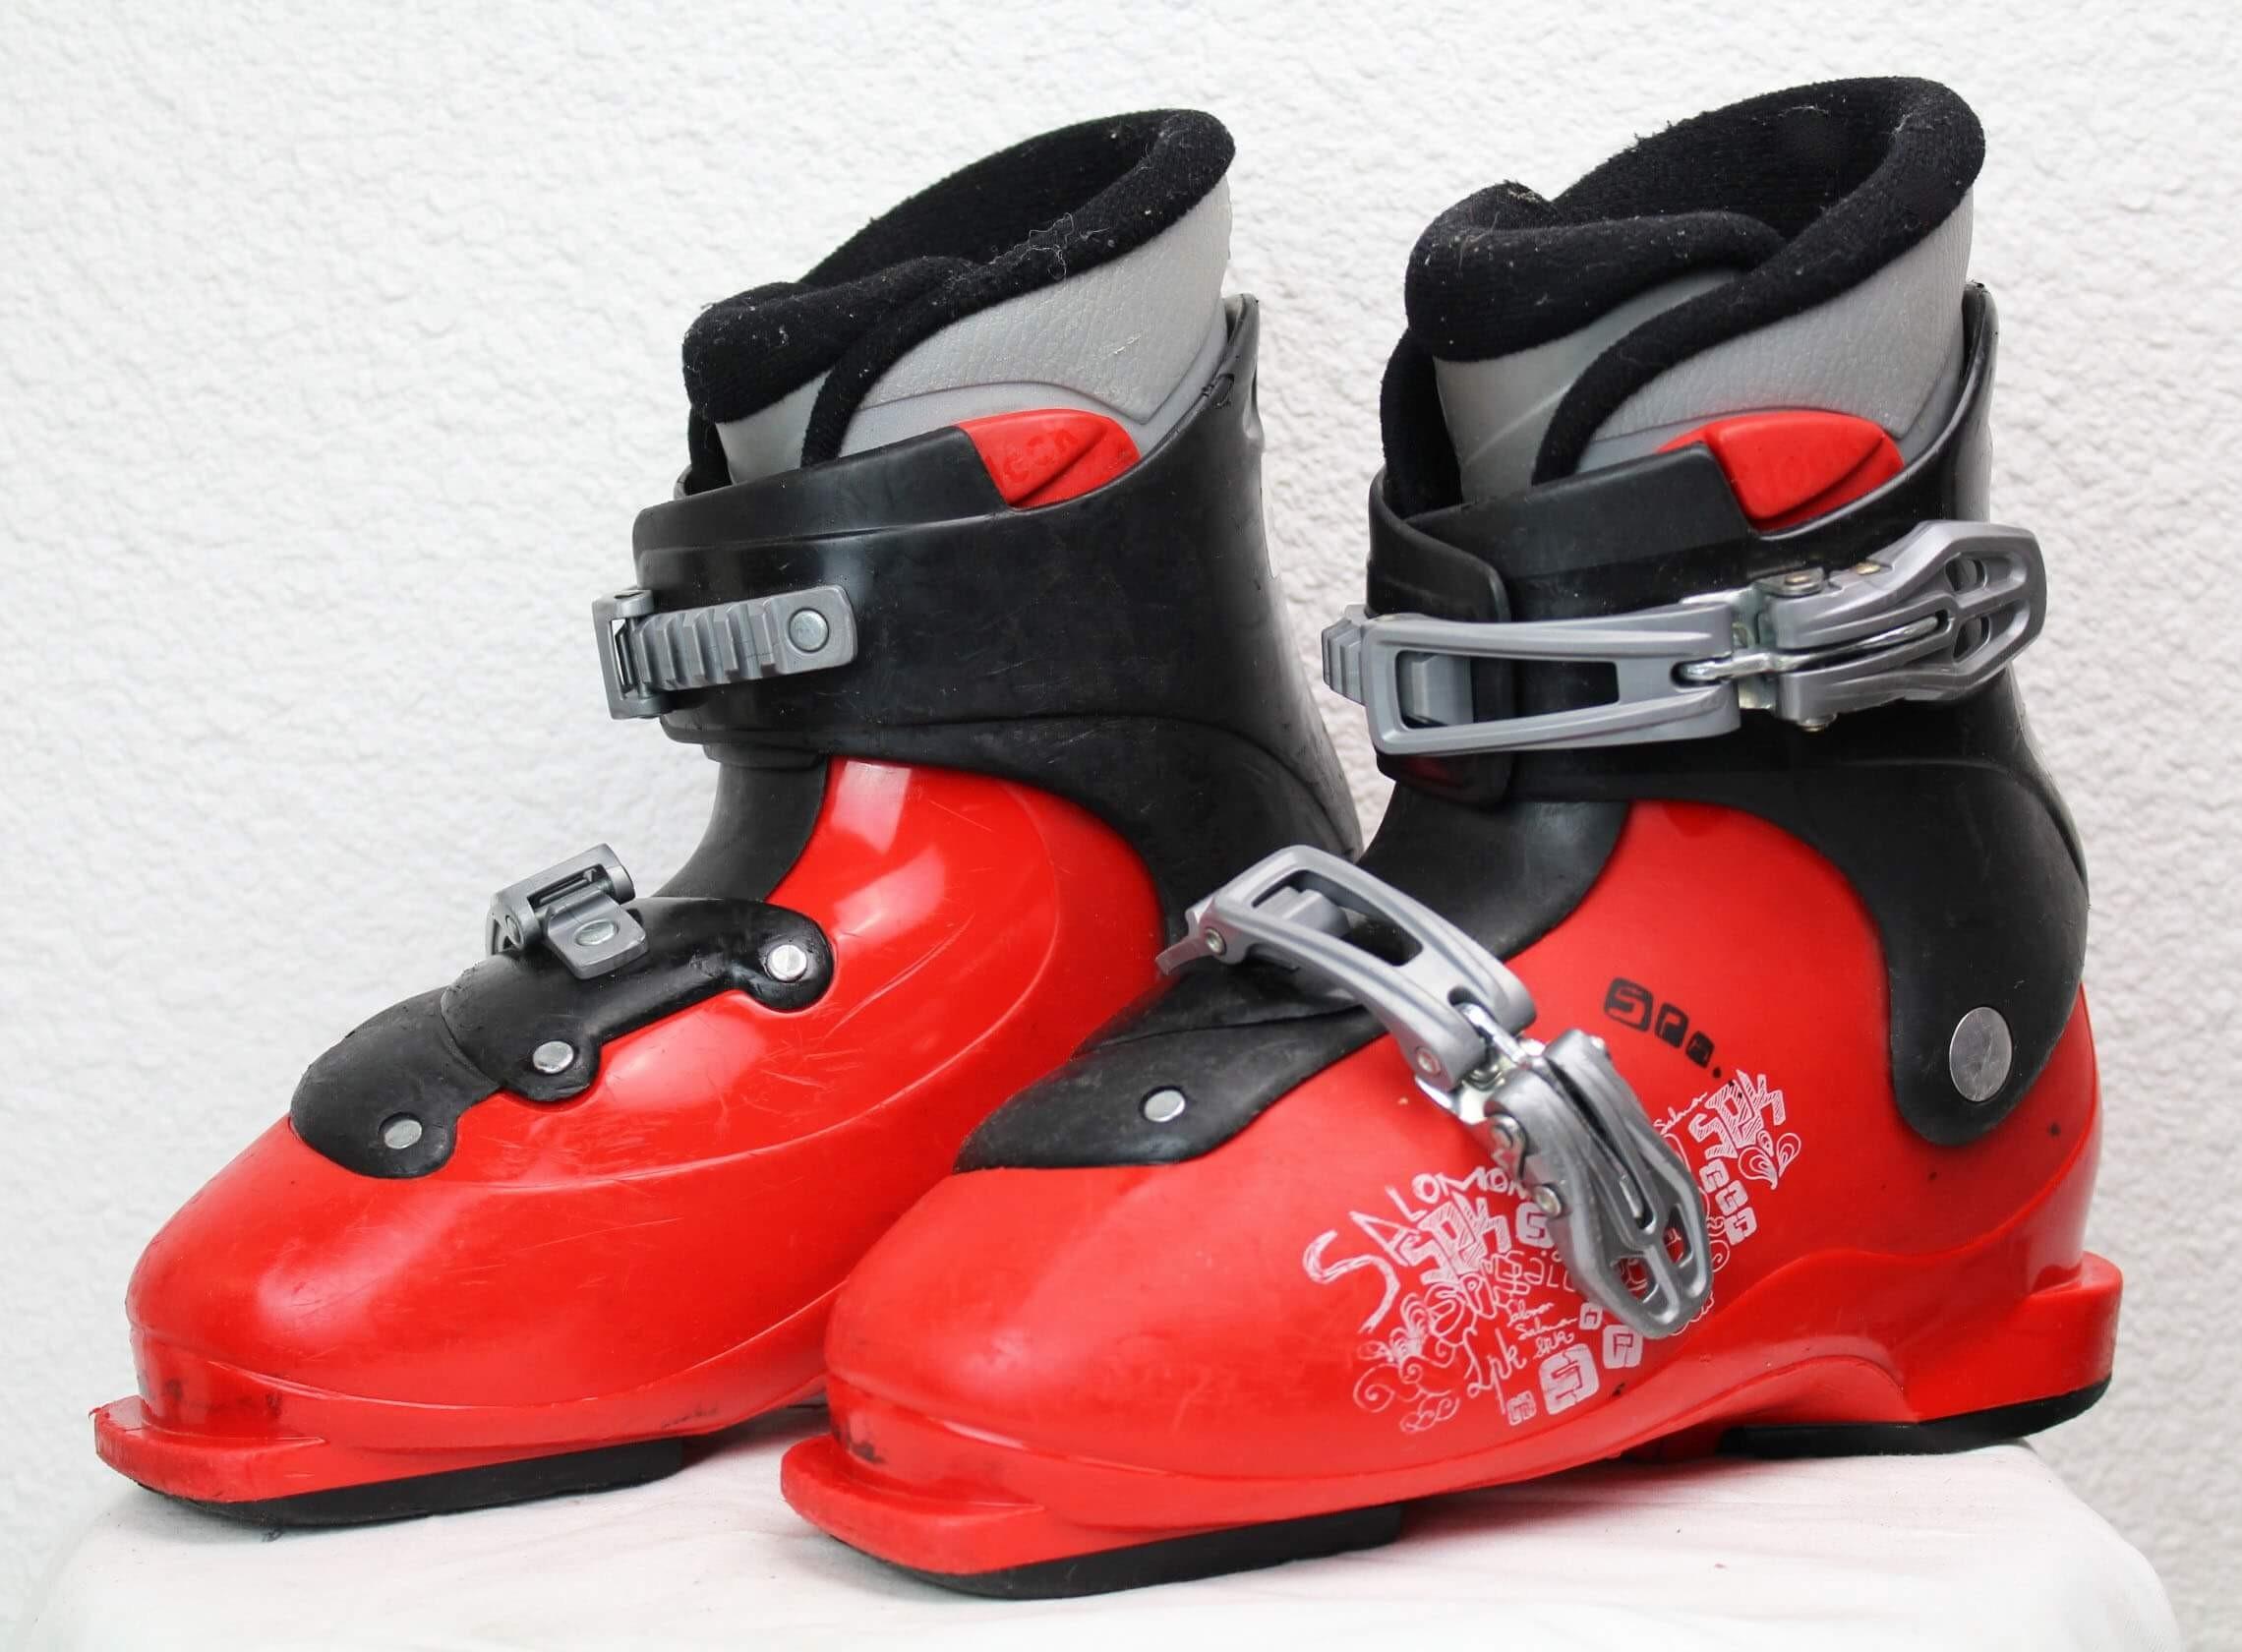 Scarponi da sci Salomon SPK Rosso SkiOccas